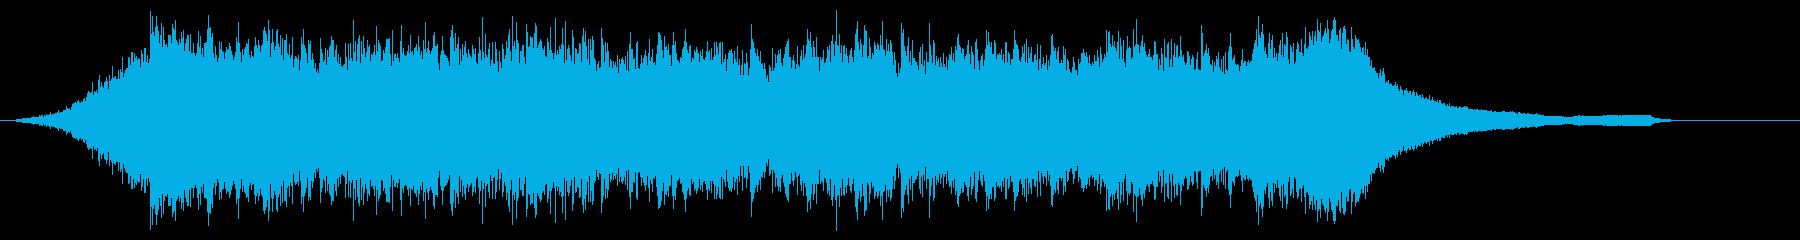 企業VP映像、105オーケストラ、爽快cの再生済みの波形